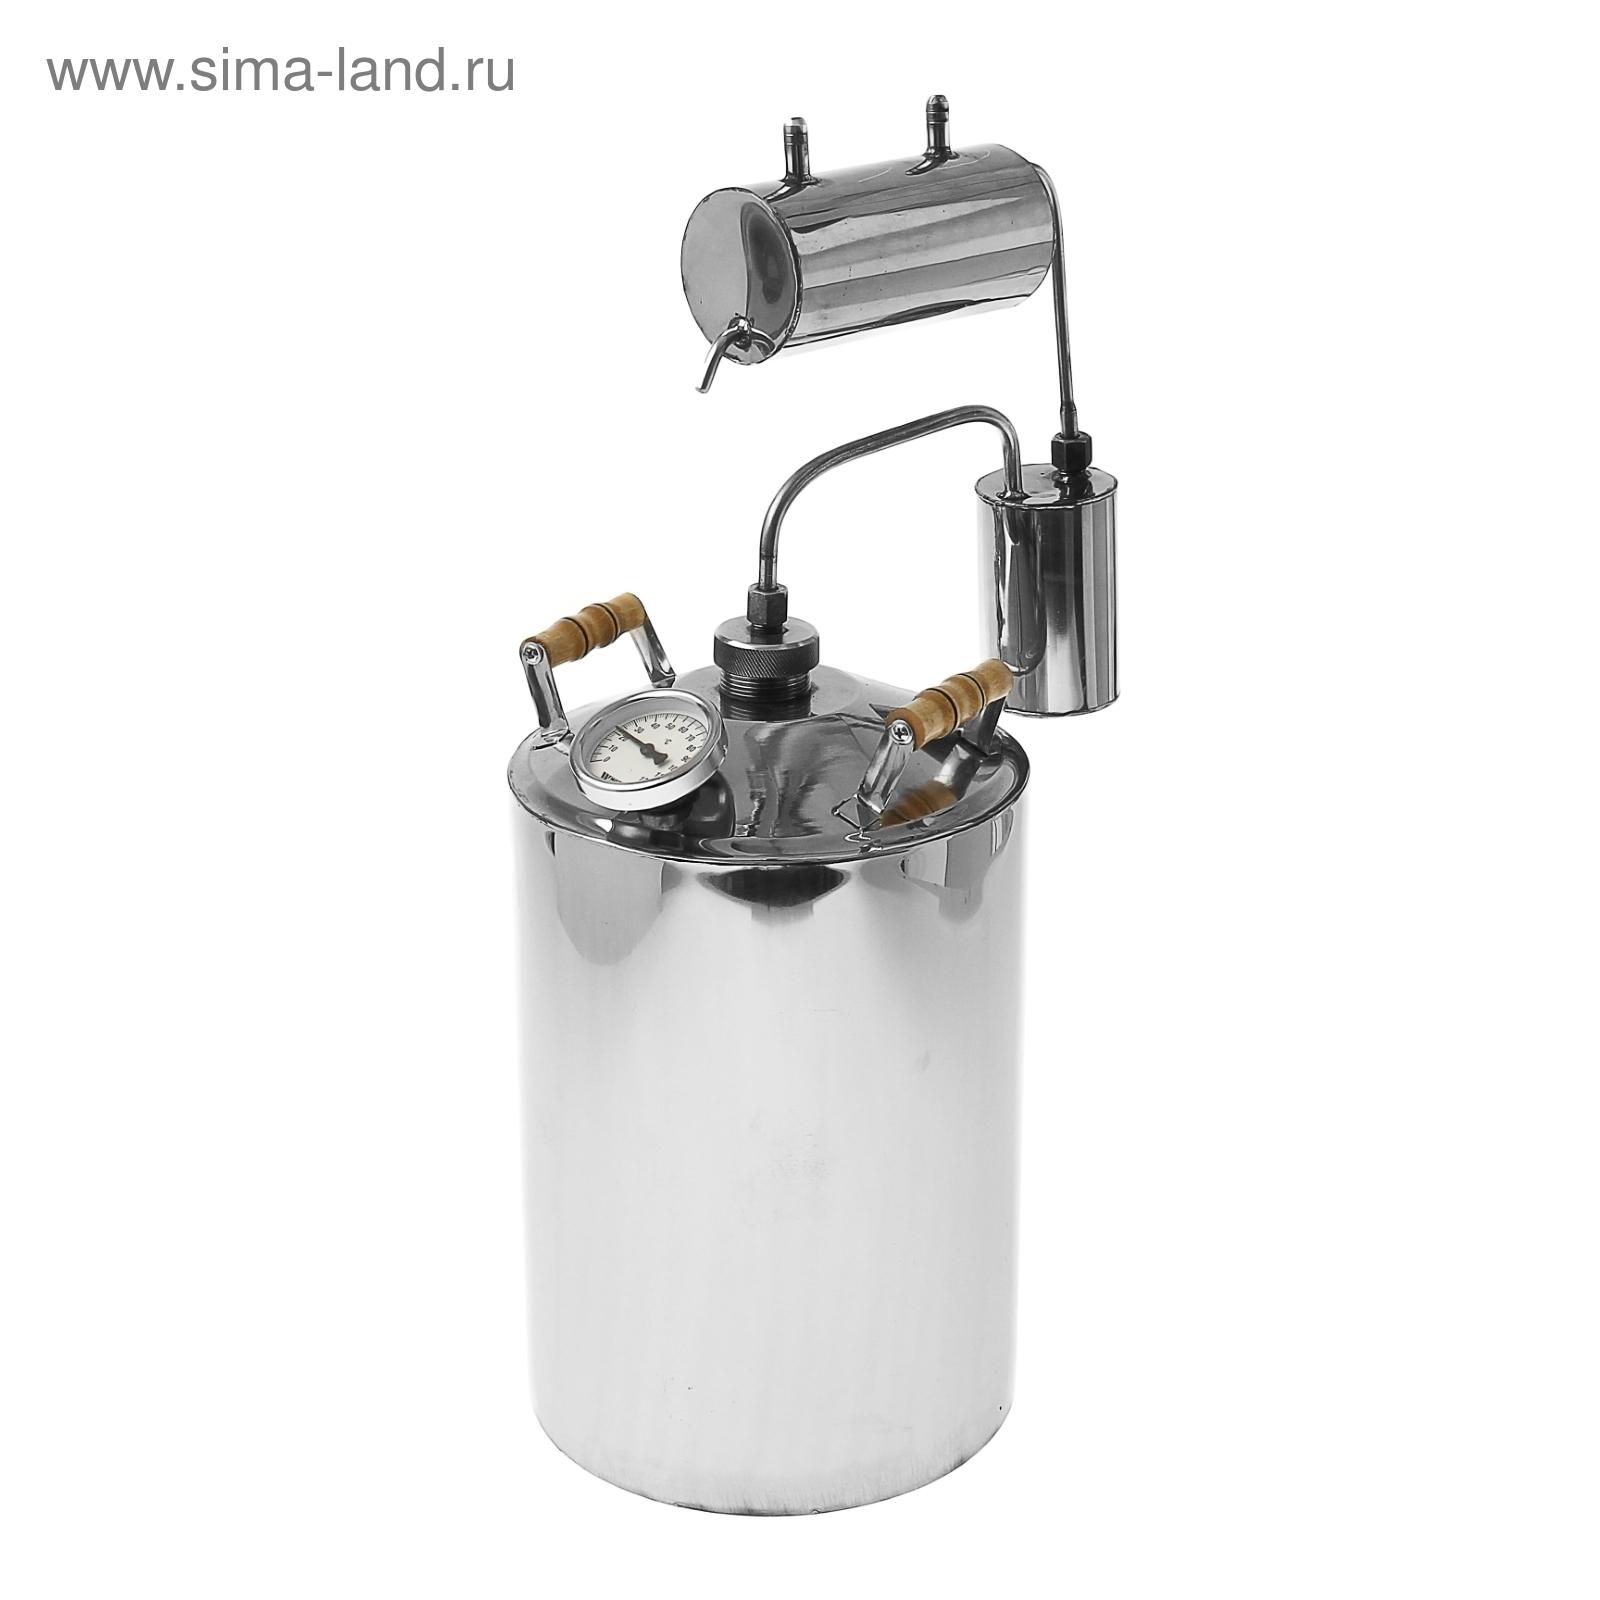 Инструкция по эксплуатации самогонный аппарат магарыч какой самогонный аппарат лучше выбрать видео